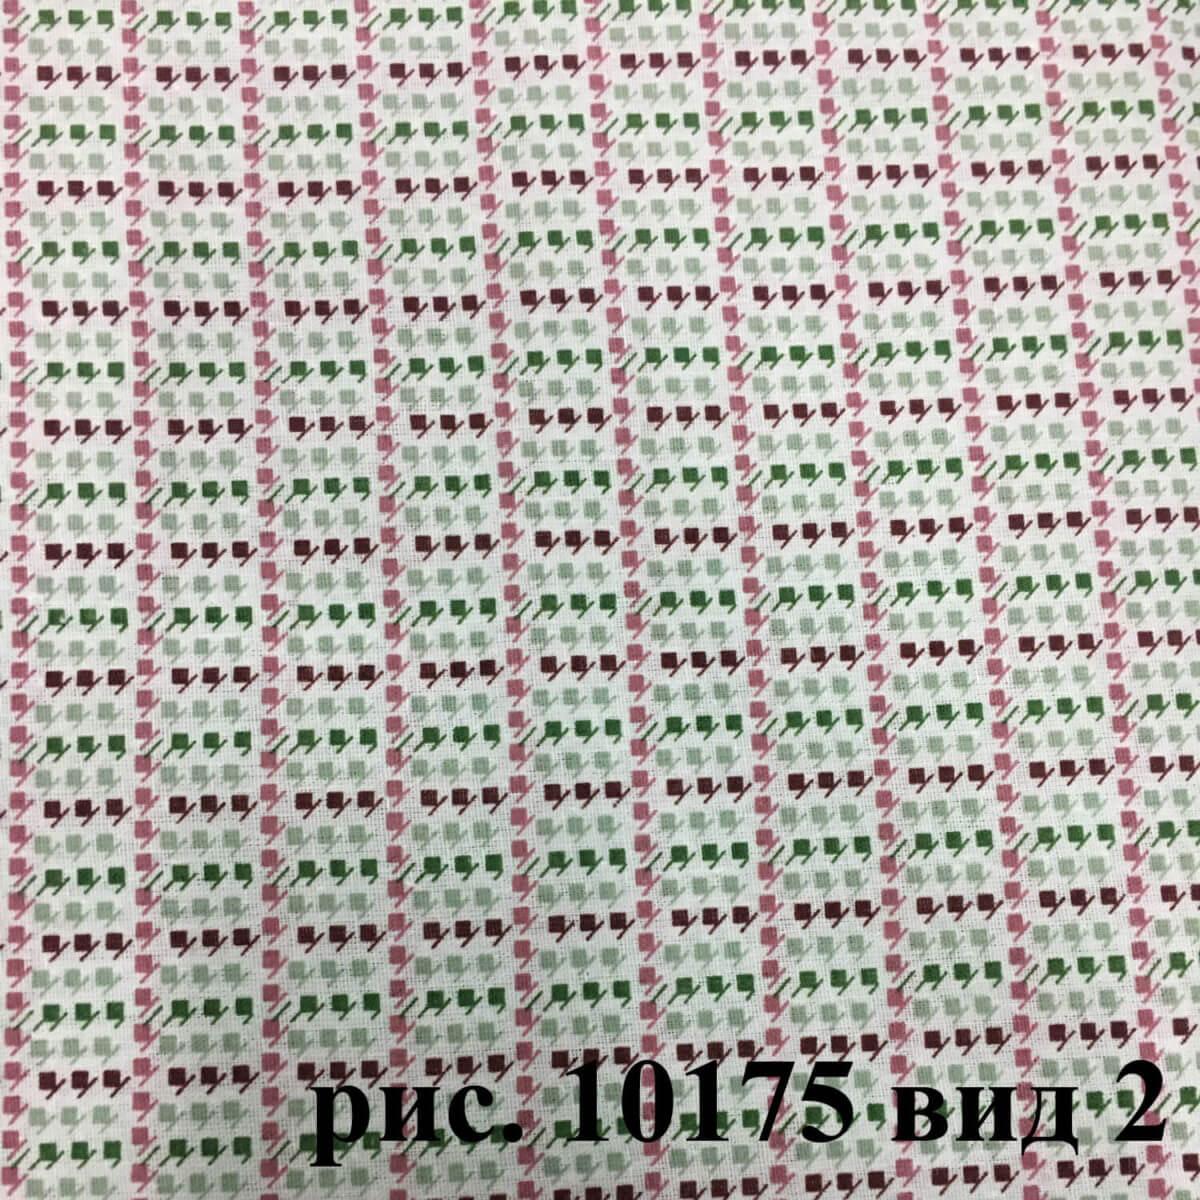 Фото 11 - Плательная ткань бязь 220 см (10175/3).